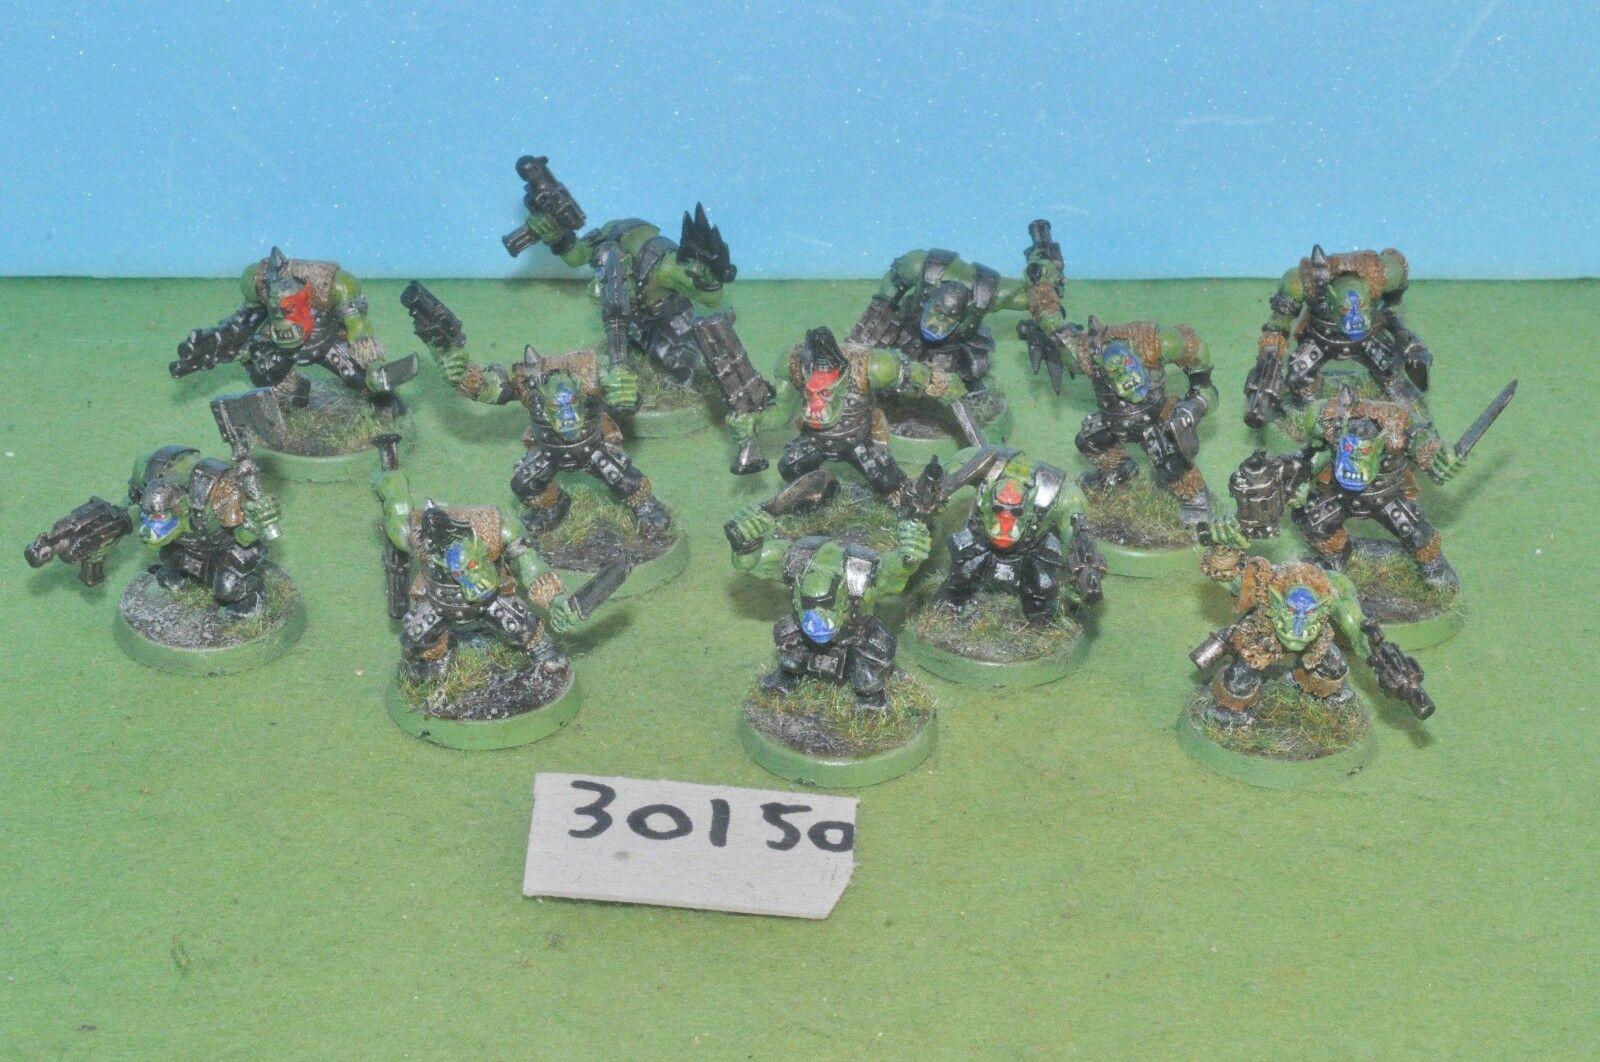 13 orc boys gorka morka 40k (30150) warhammer